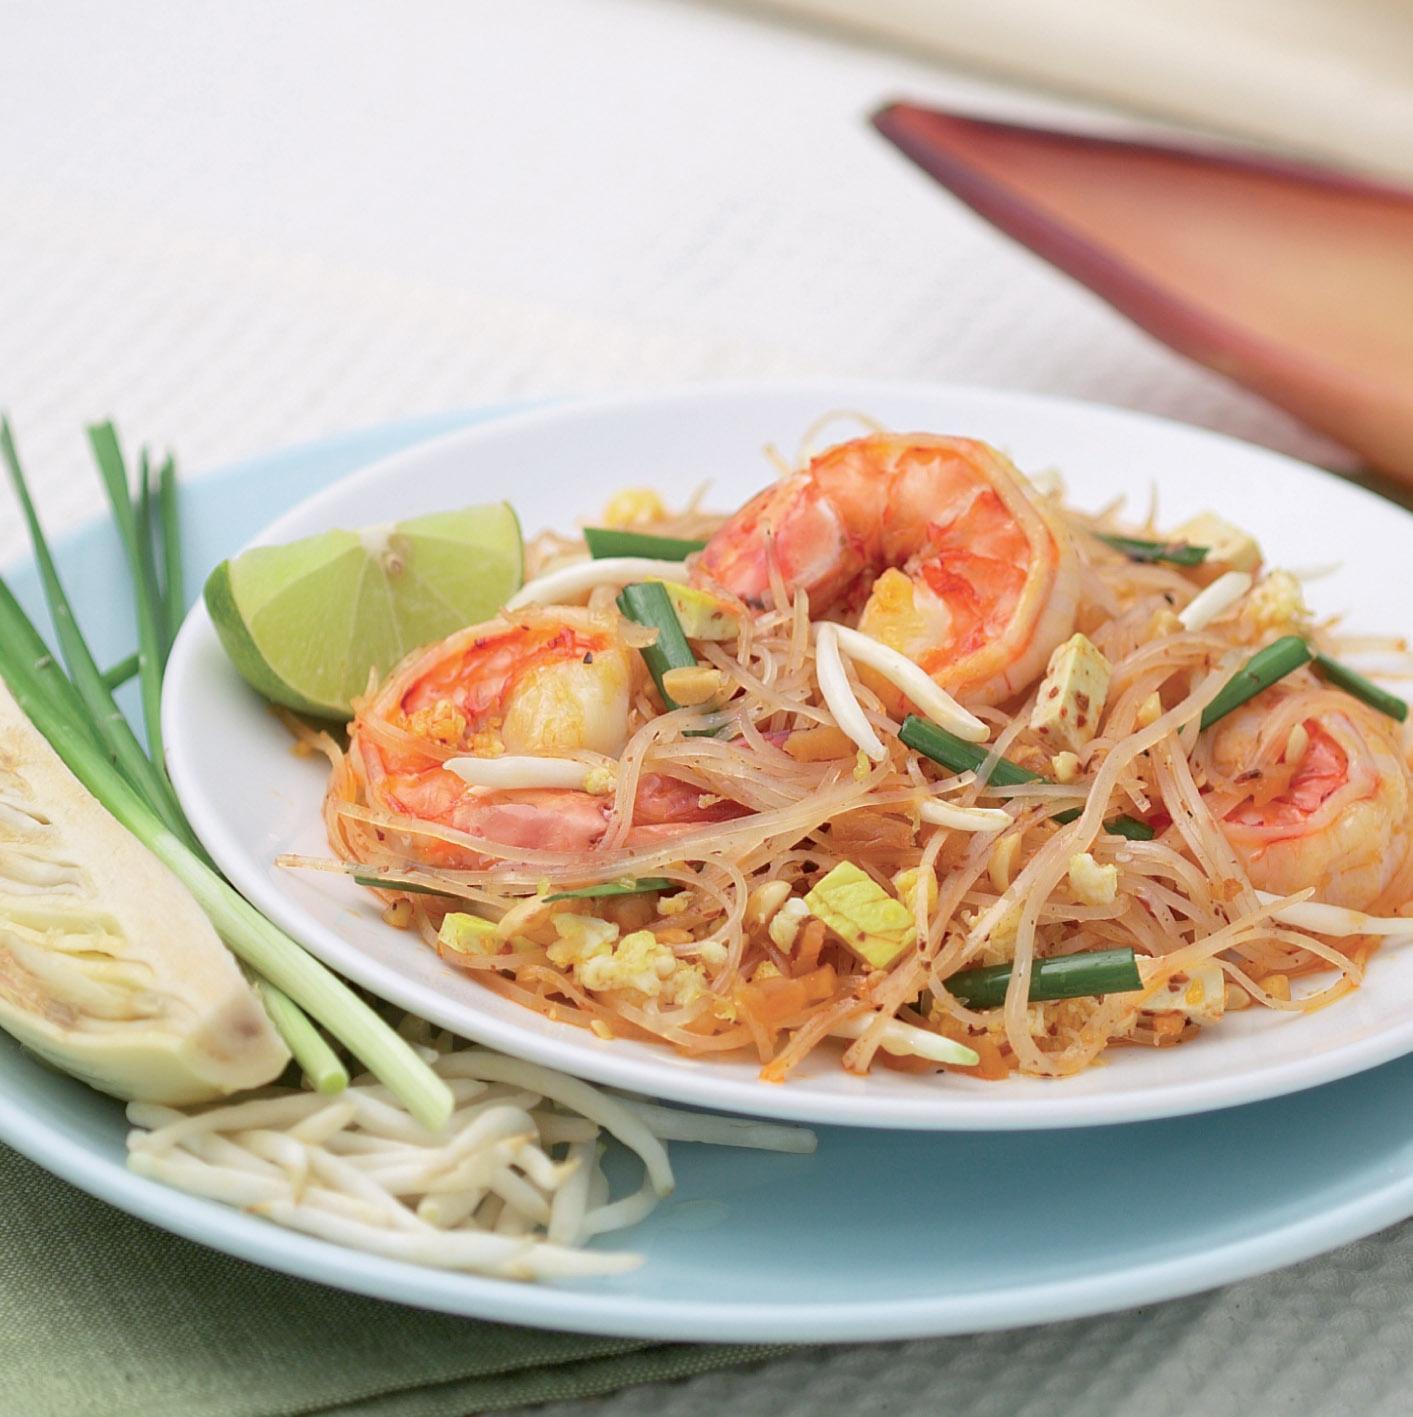 Рецепт тайской кухни - жареная лапша с креветками